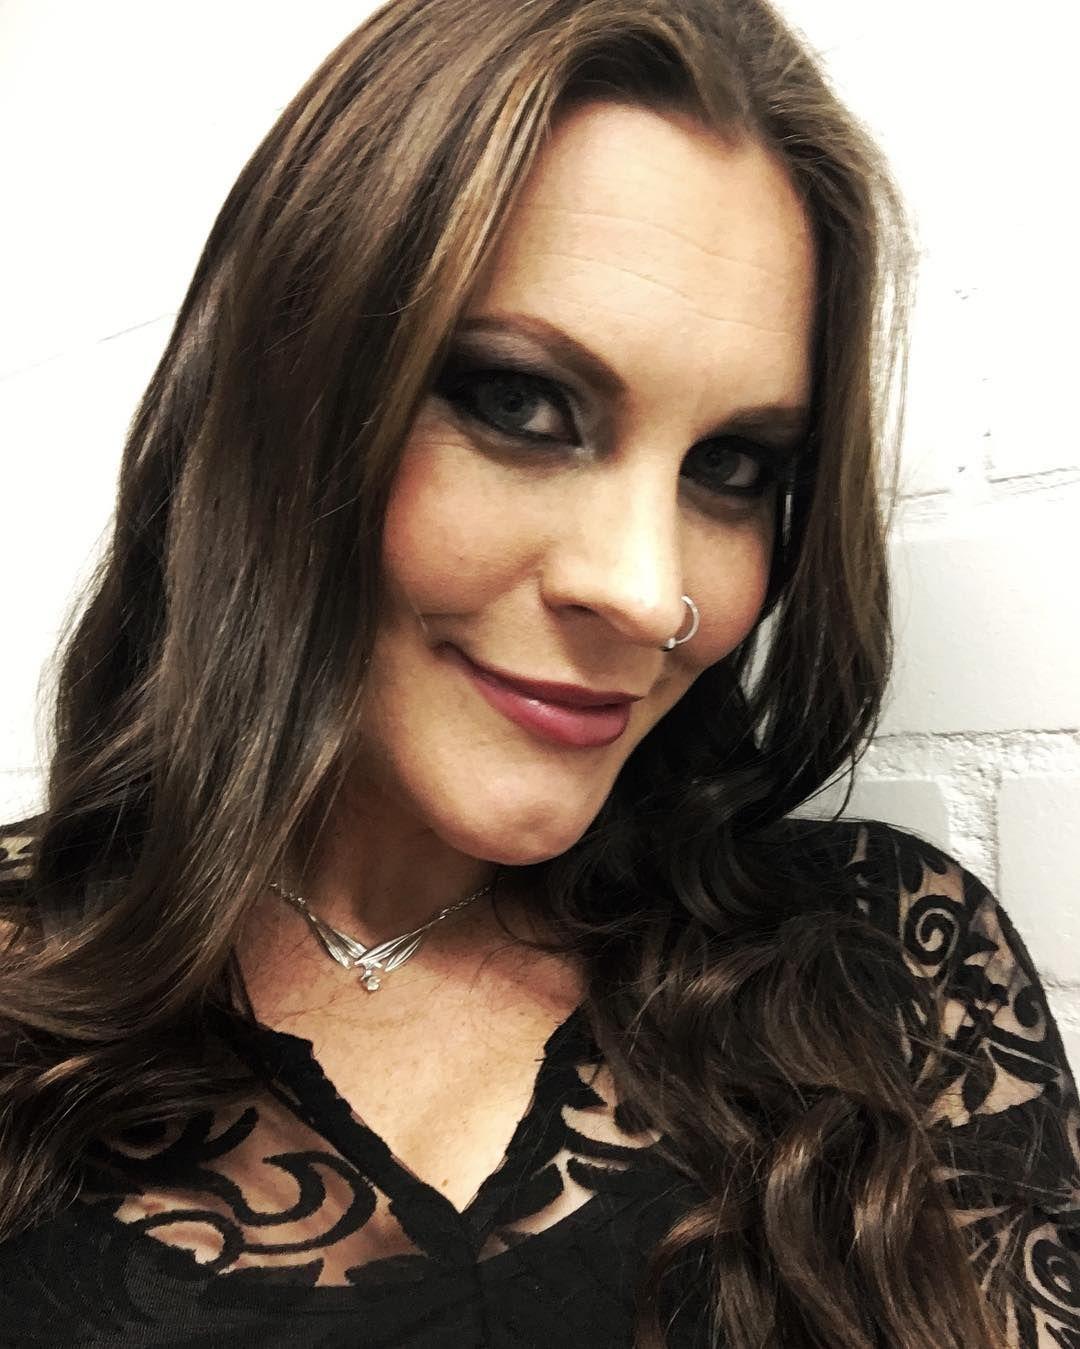 Floor Jansen In 2019 Metal Girl Flooring Gothic Metal